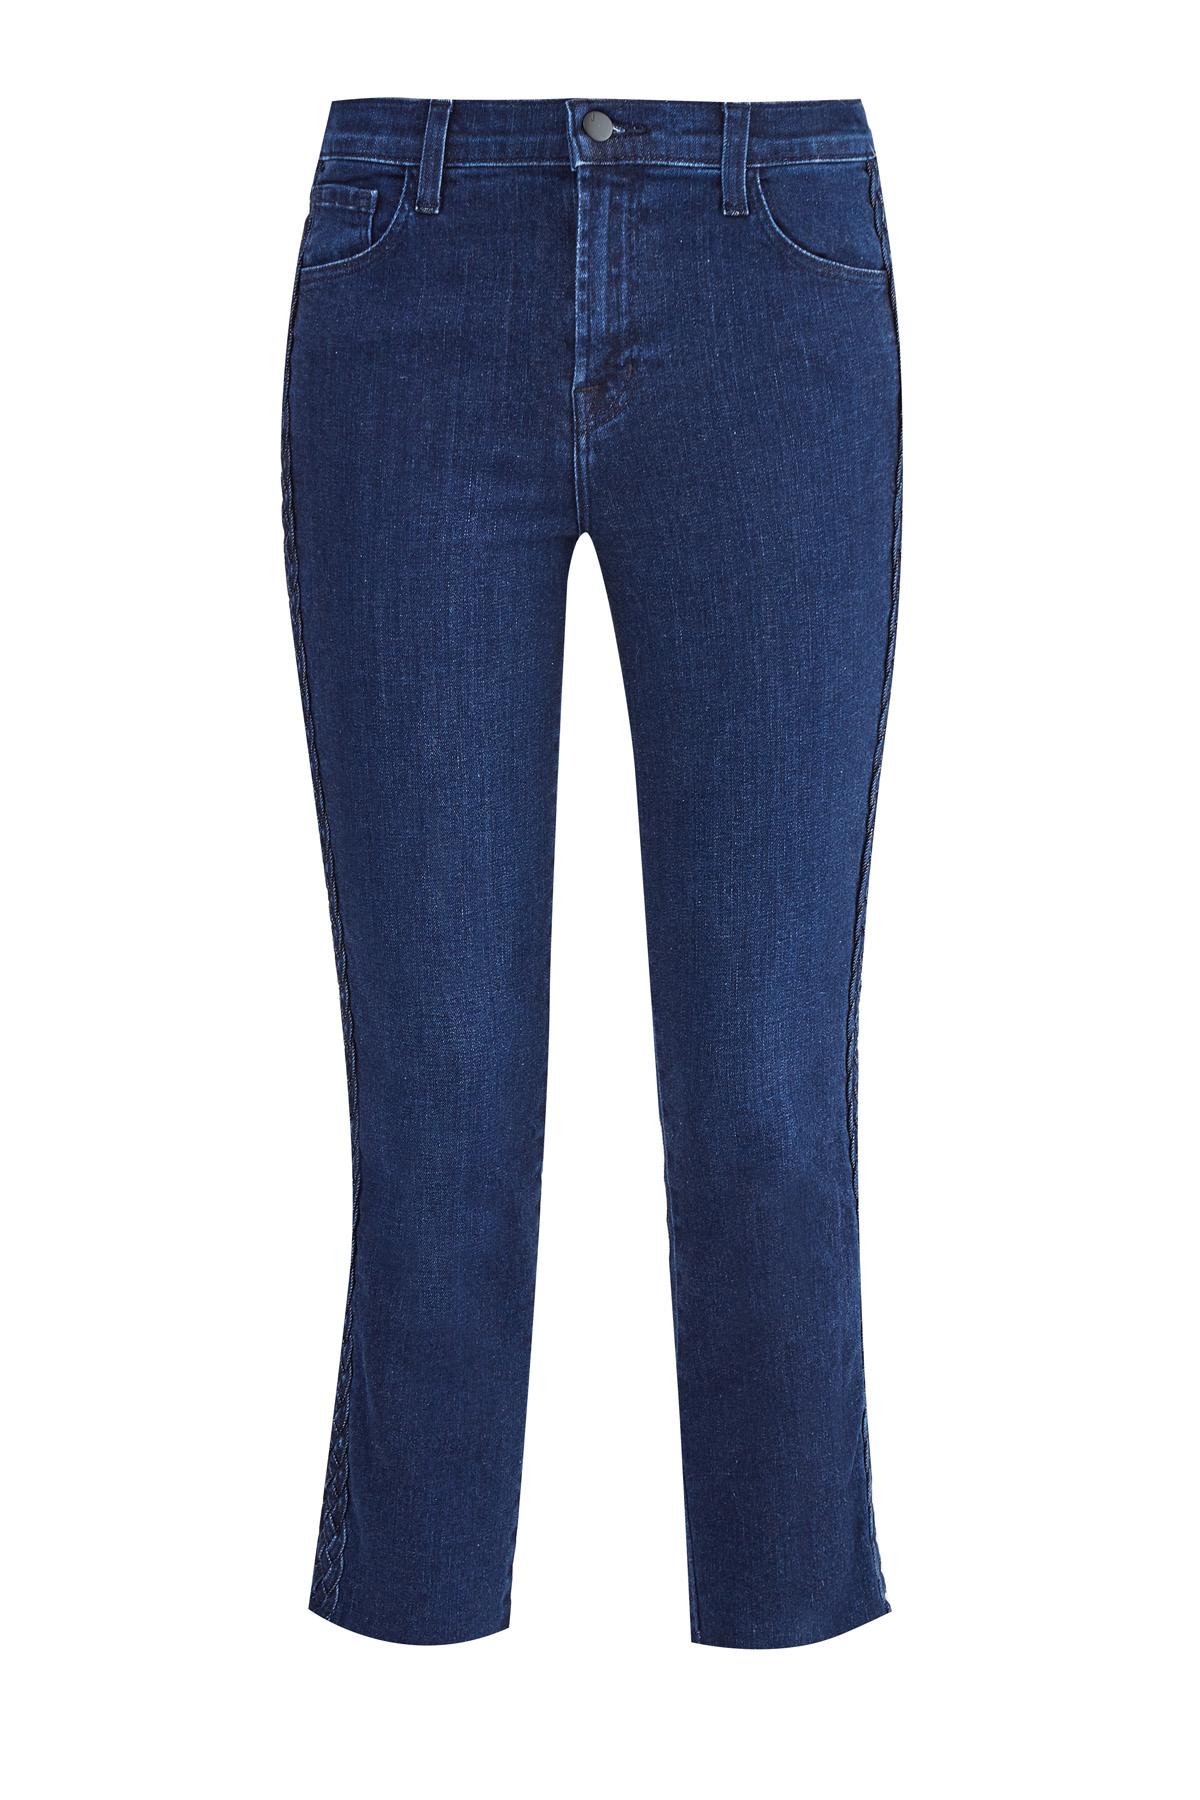 Укороченные джинсы Ruby с отделкой боковых швов плетением «коса»